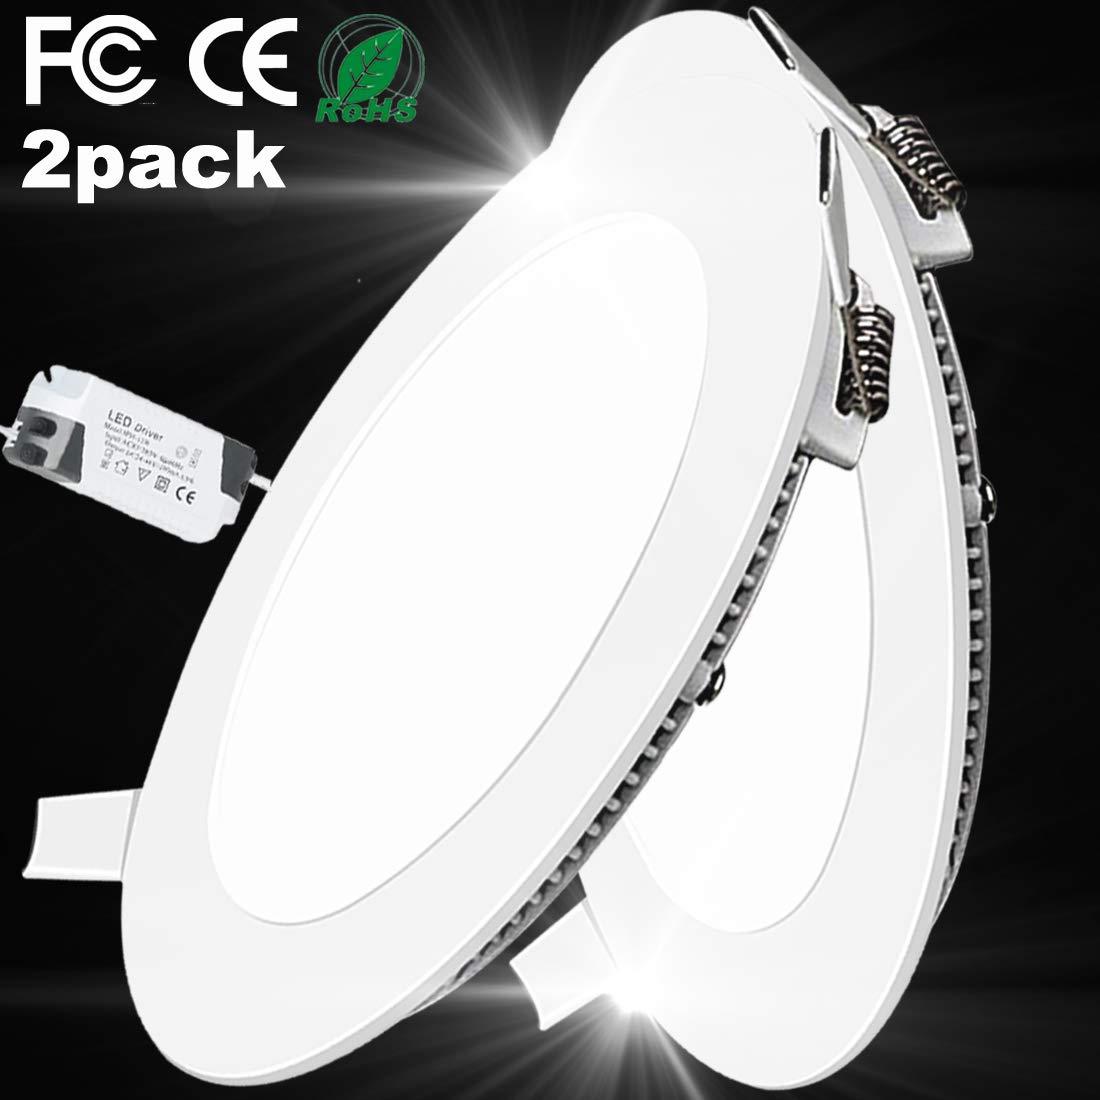 2PACK LED Deckenleuchte LED Panellampe Einbaustrahler Einbauleuchten Round 3W 3000K Warm White LED Downlight Ultra schlanke Lampe Scheinwerfer f/ür K/üche Bad Gang Lochgr/ö/ße 7.5CM